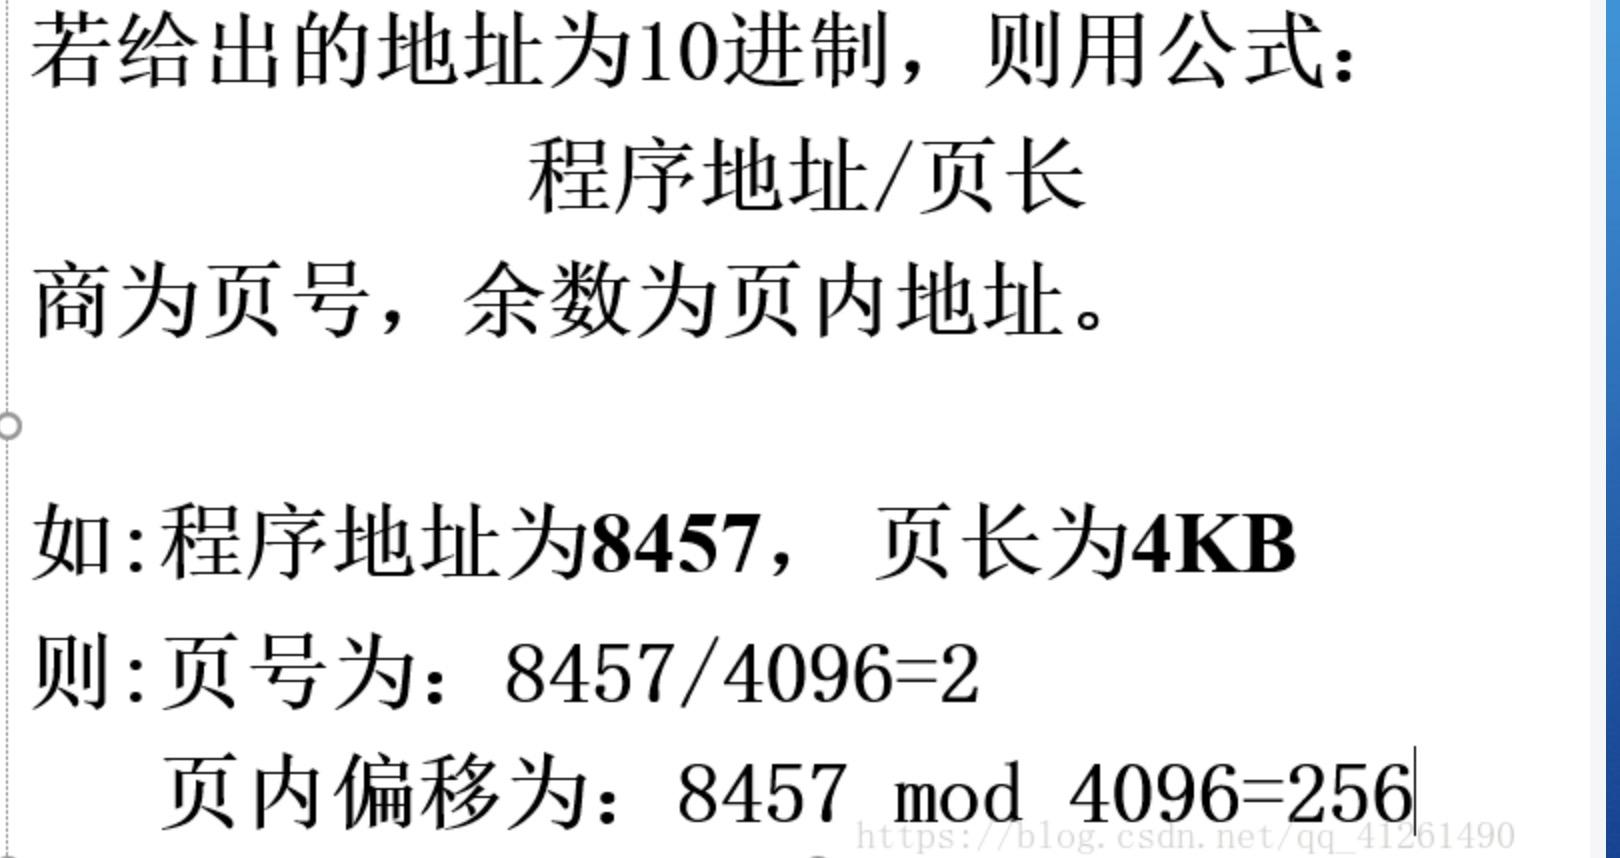 586900C3-D71F-461A-8617-2D21802FFD4A.png